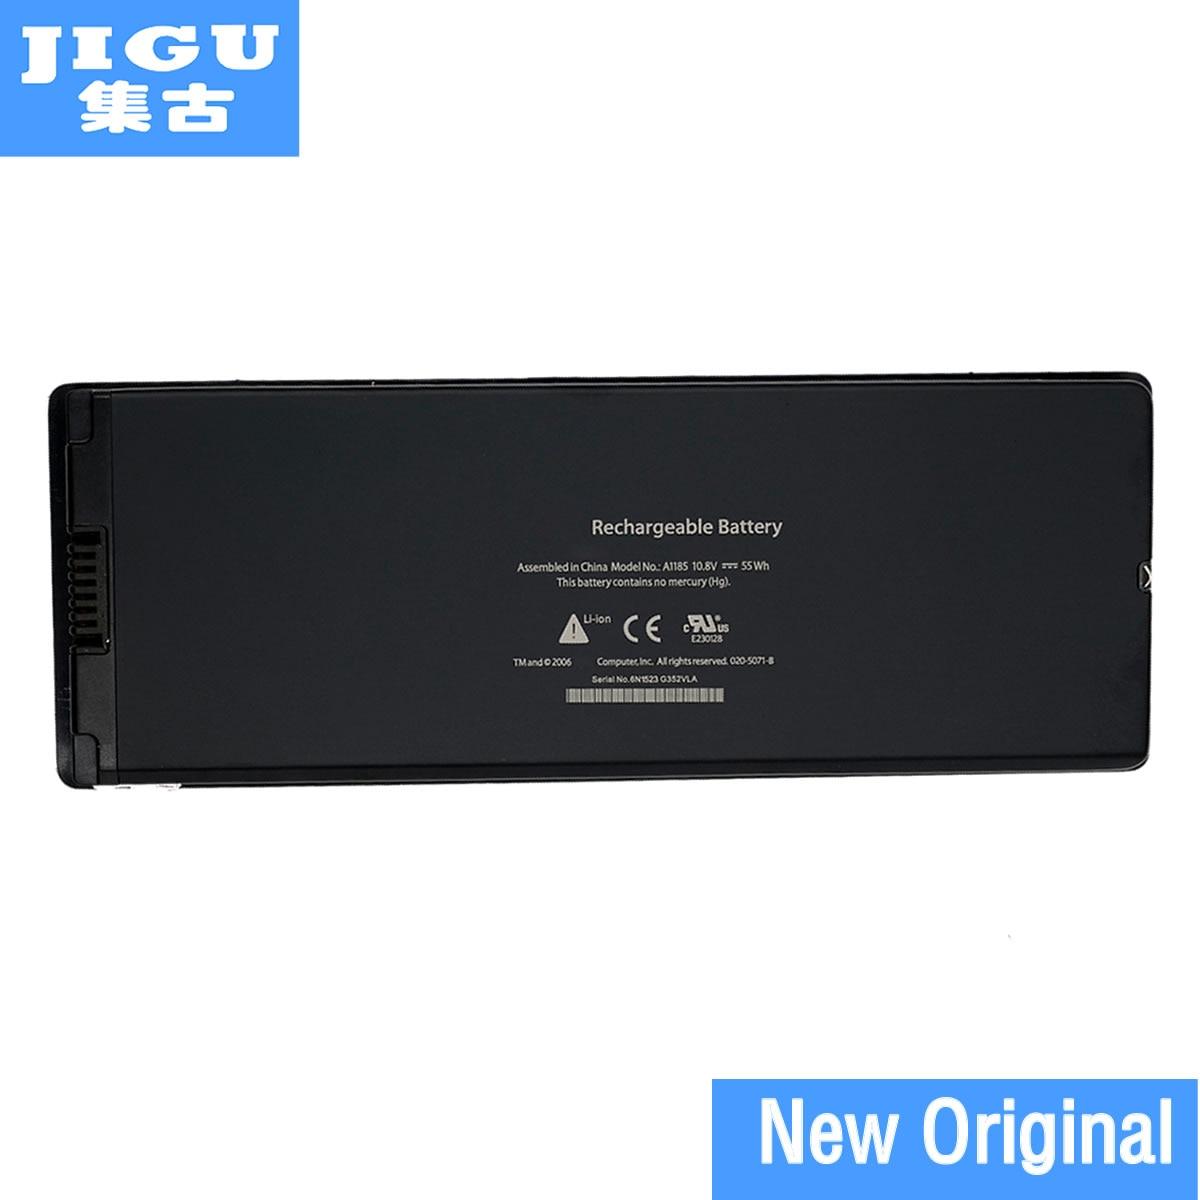 JIGU A1185 MA561 Original Laptop Battery For APPLE MacBook 13 A1181 MA254 MA255 MA699 MA700 MB061*/A MB062*/A White wholesale new laptop battery for apple macbook 15mb986x a mb986zp a mc118 mc118 a mc118ch a mc118j a mc118ll a free shipping